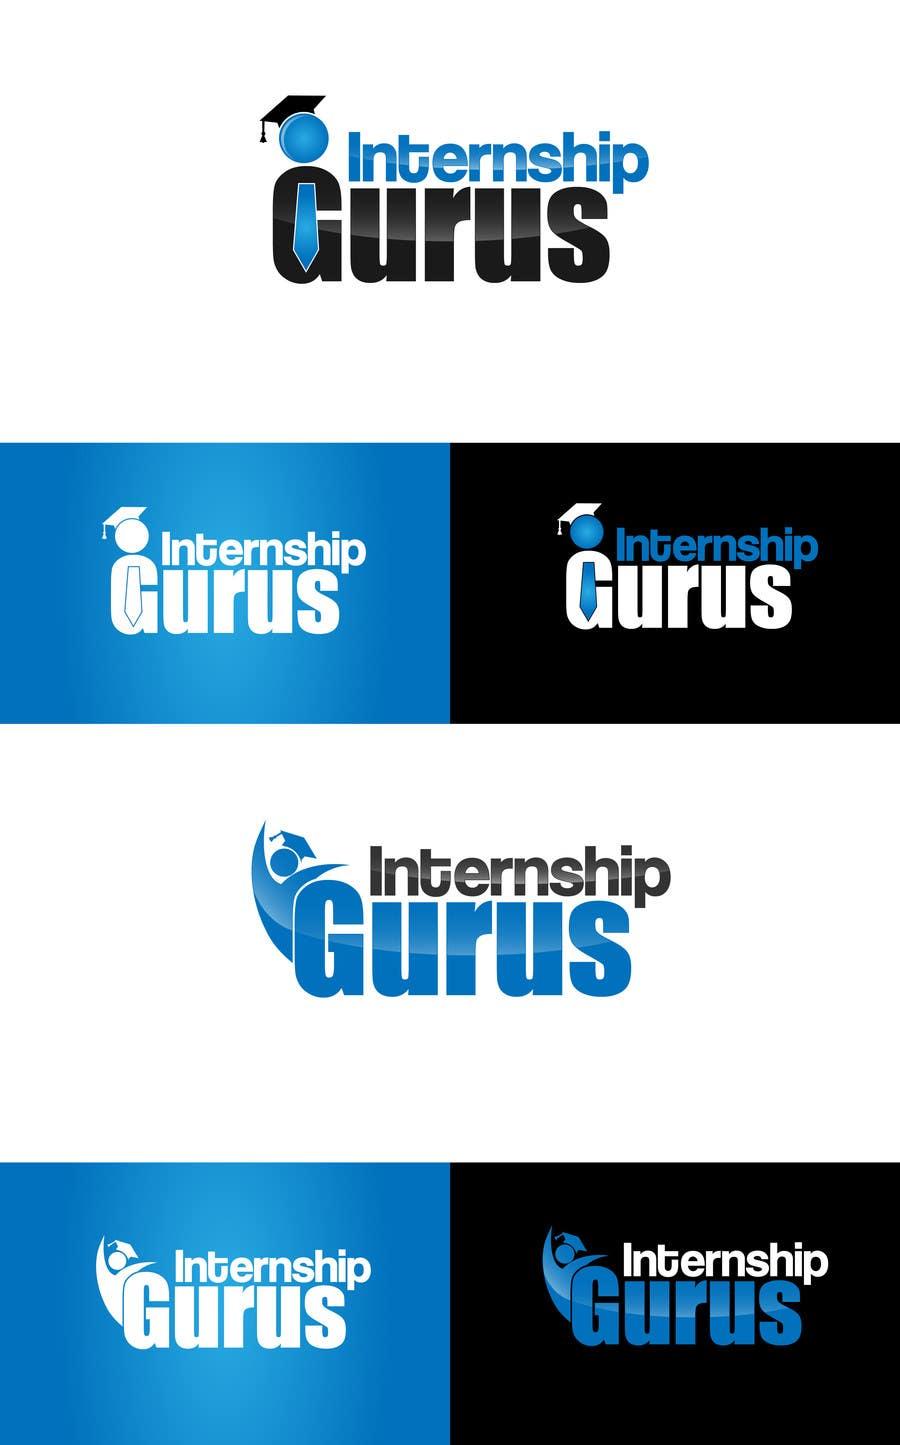 Inscrição nº 159 do Concurso para Design a Logo for InternshipGurus